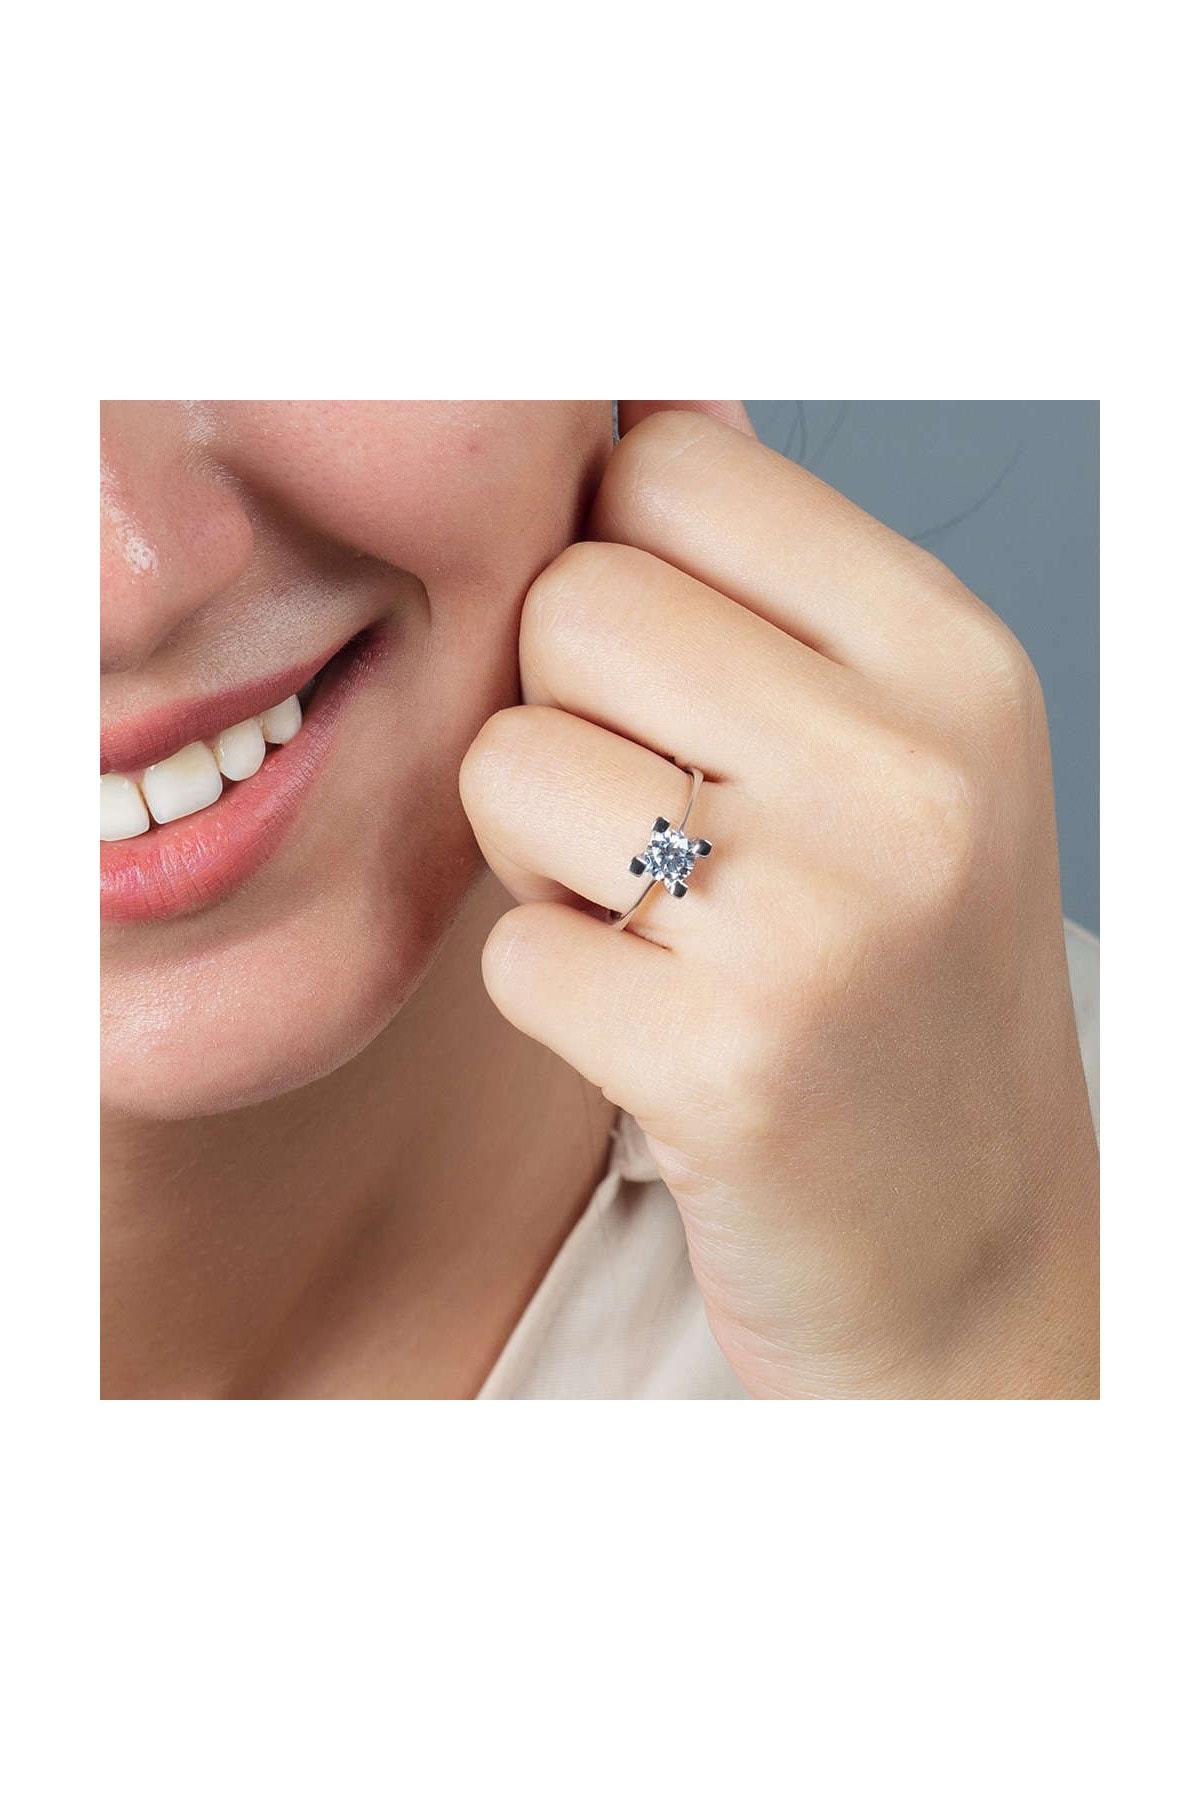 Tesbihane Starlight Diamond Pırlanta Montür Kare Tasarım 925 Ayar Gümüş Bayan Tektaş Yüzük 102001785 2